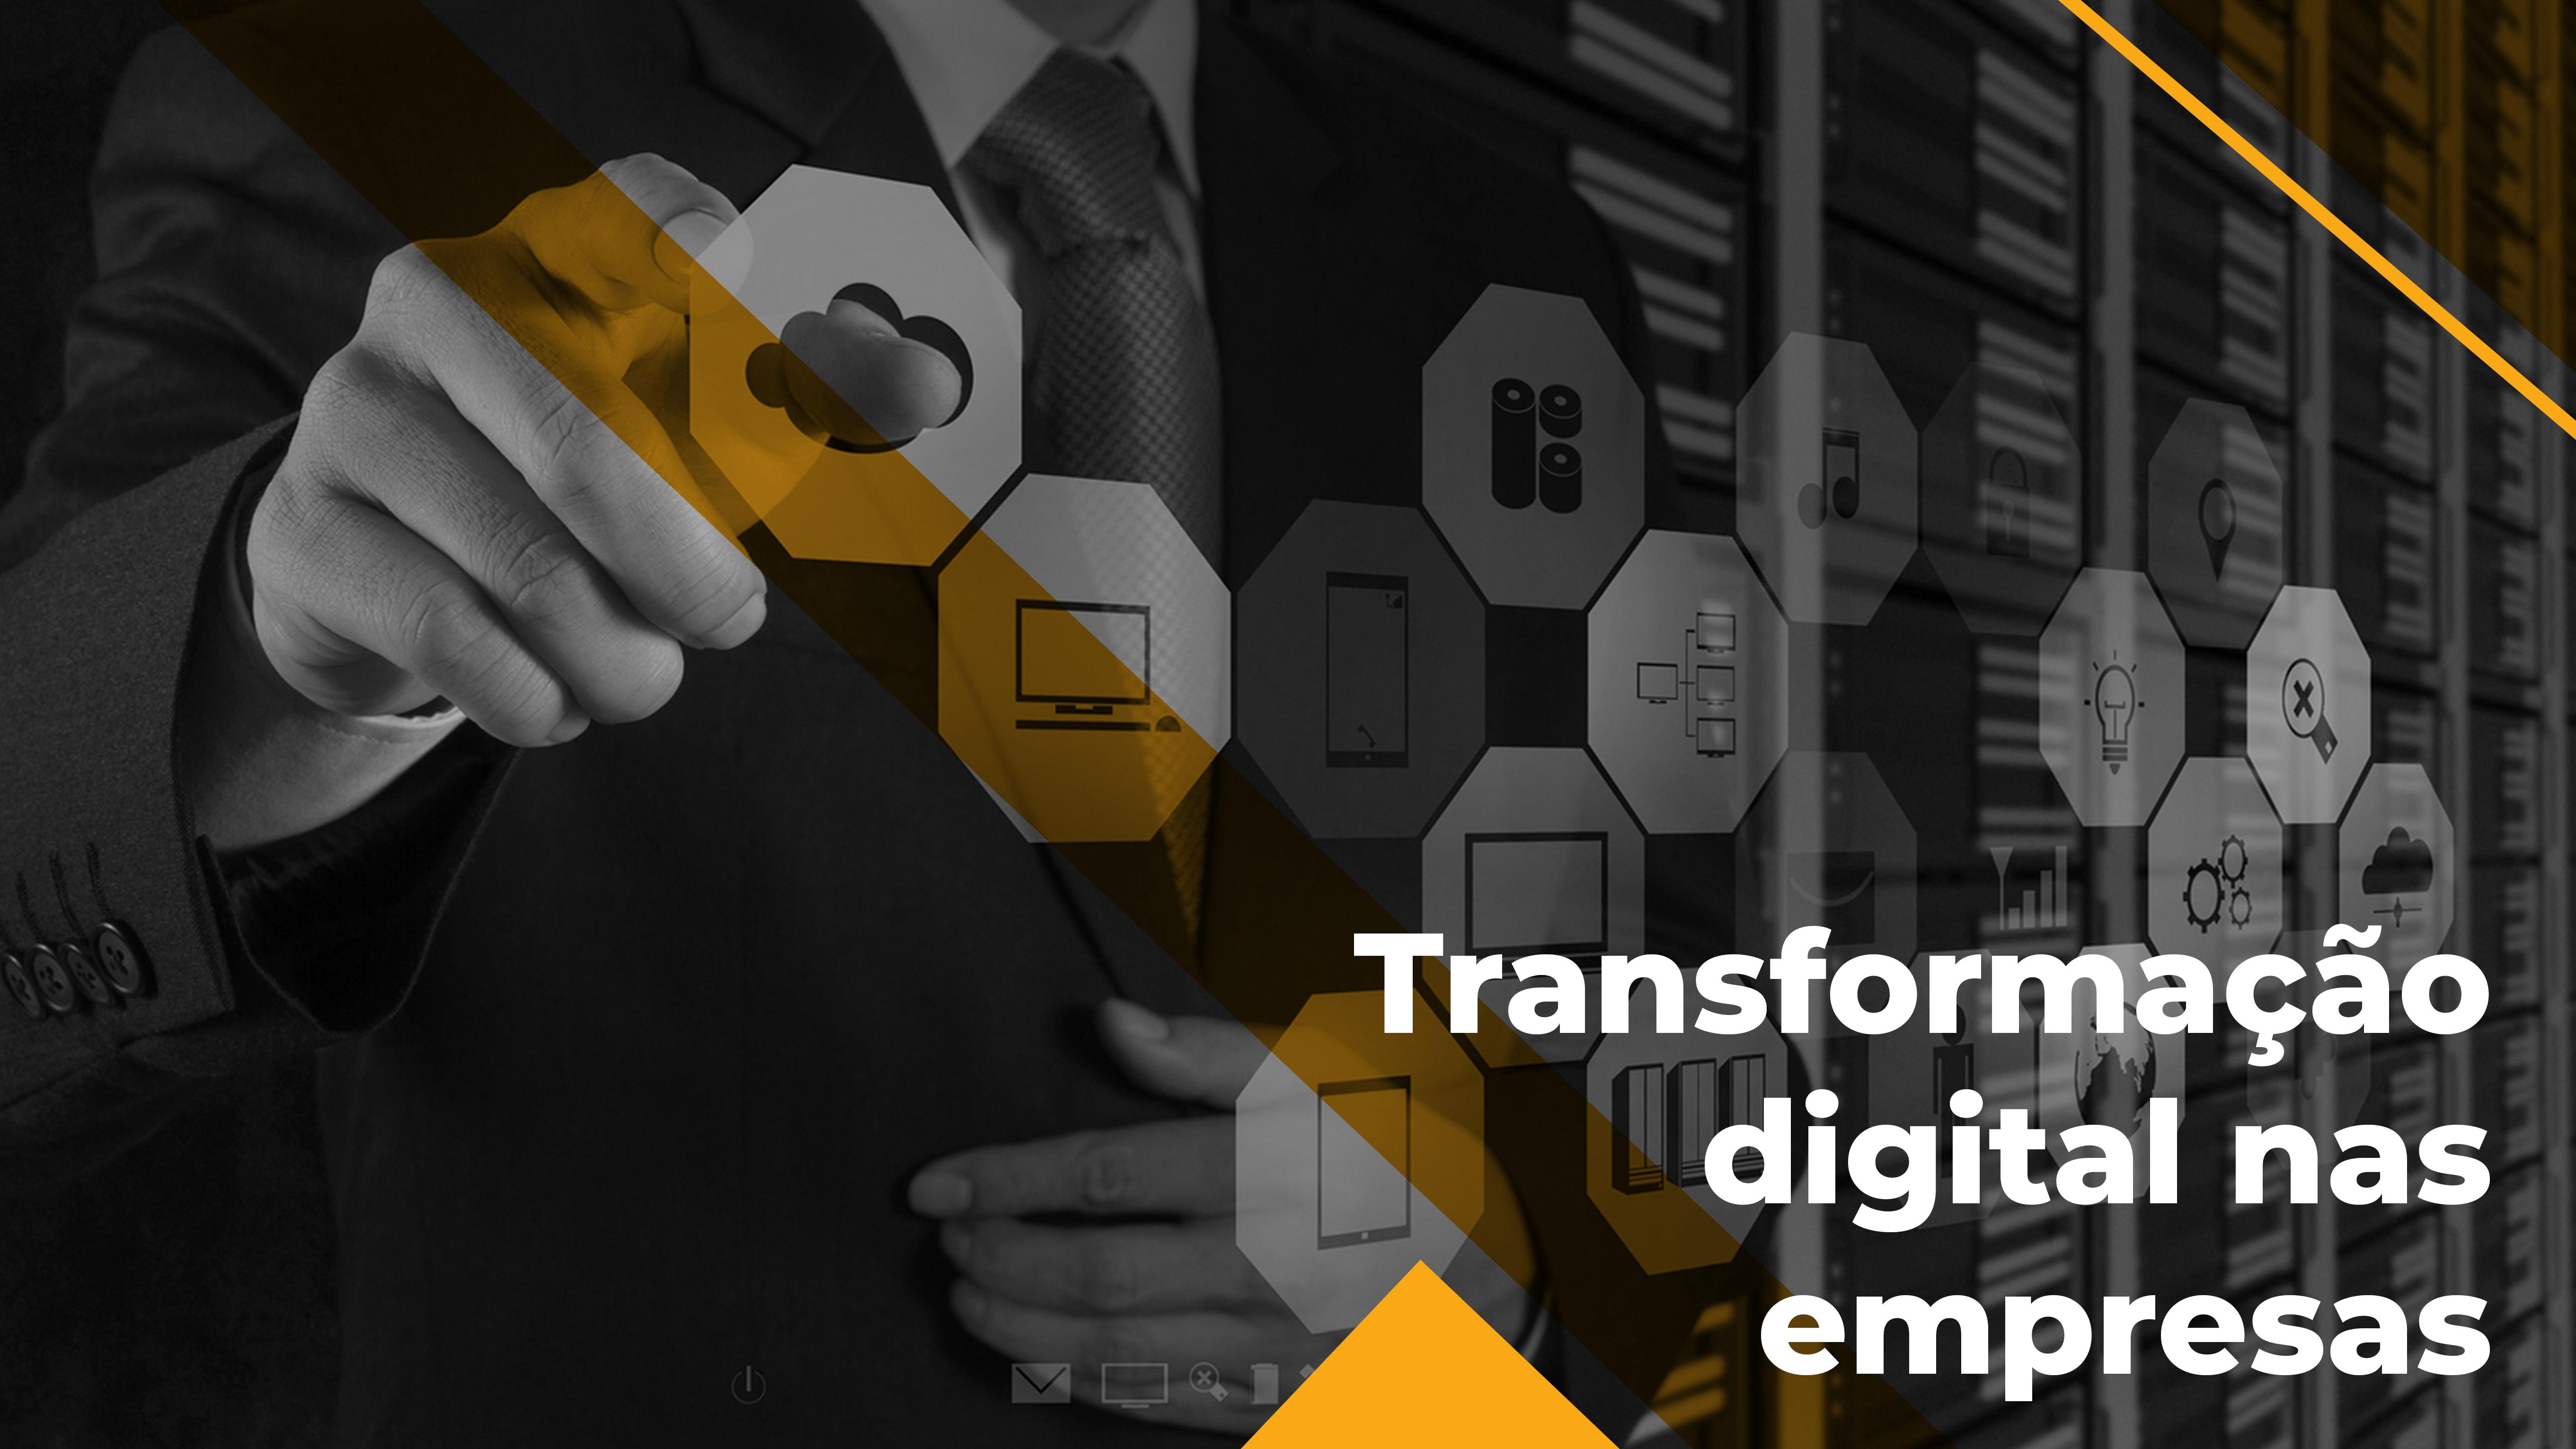 Pilares da transformação digital nas empresas